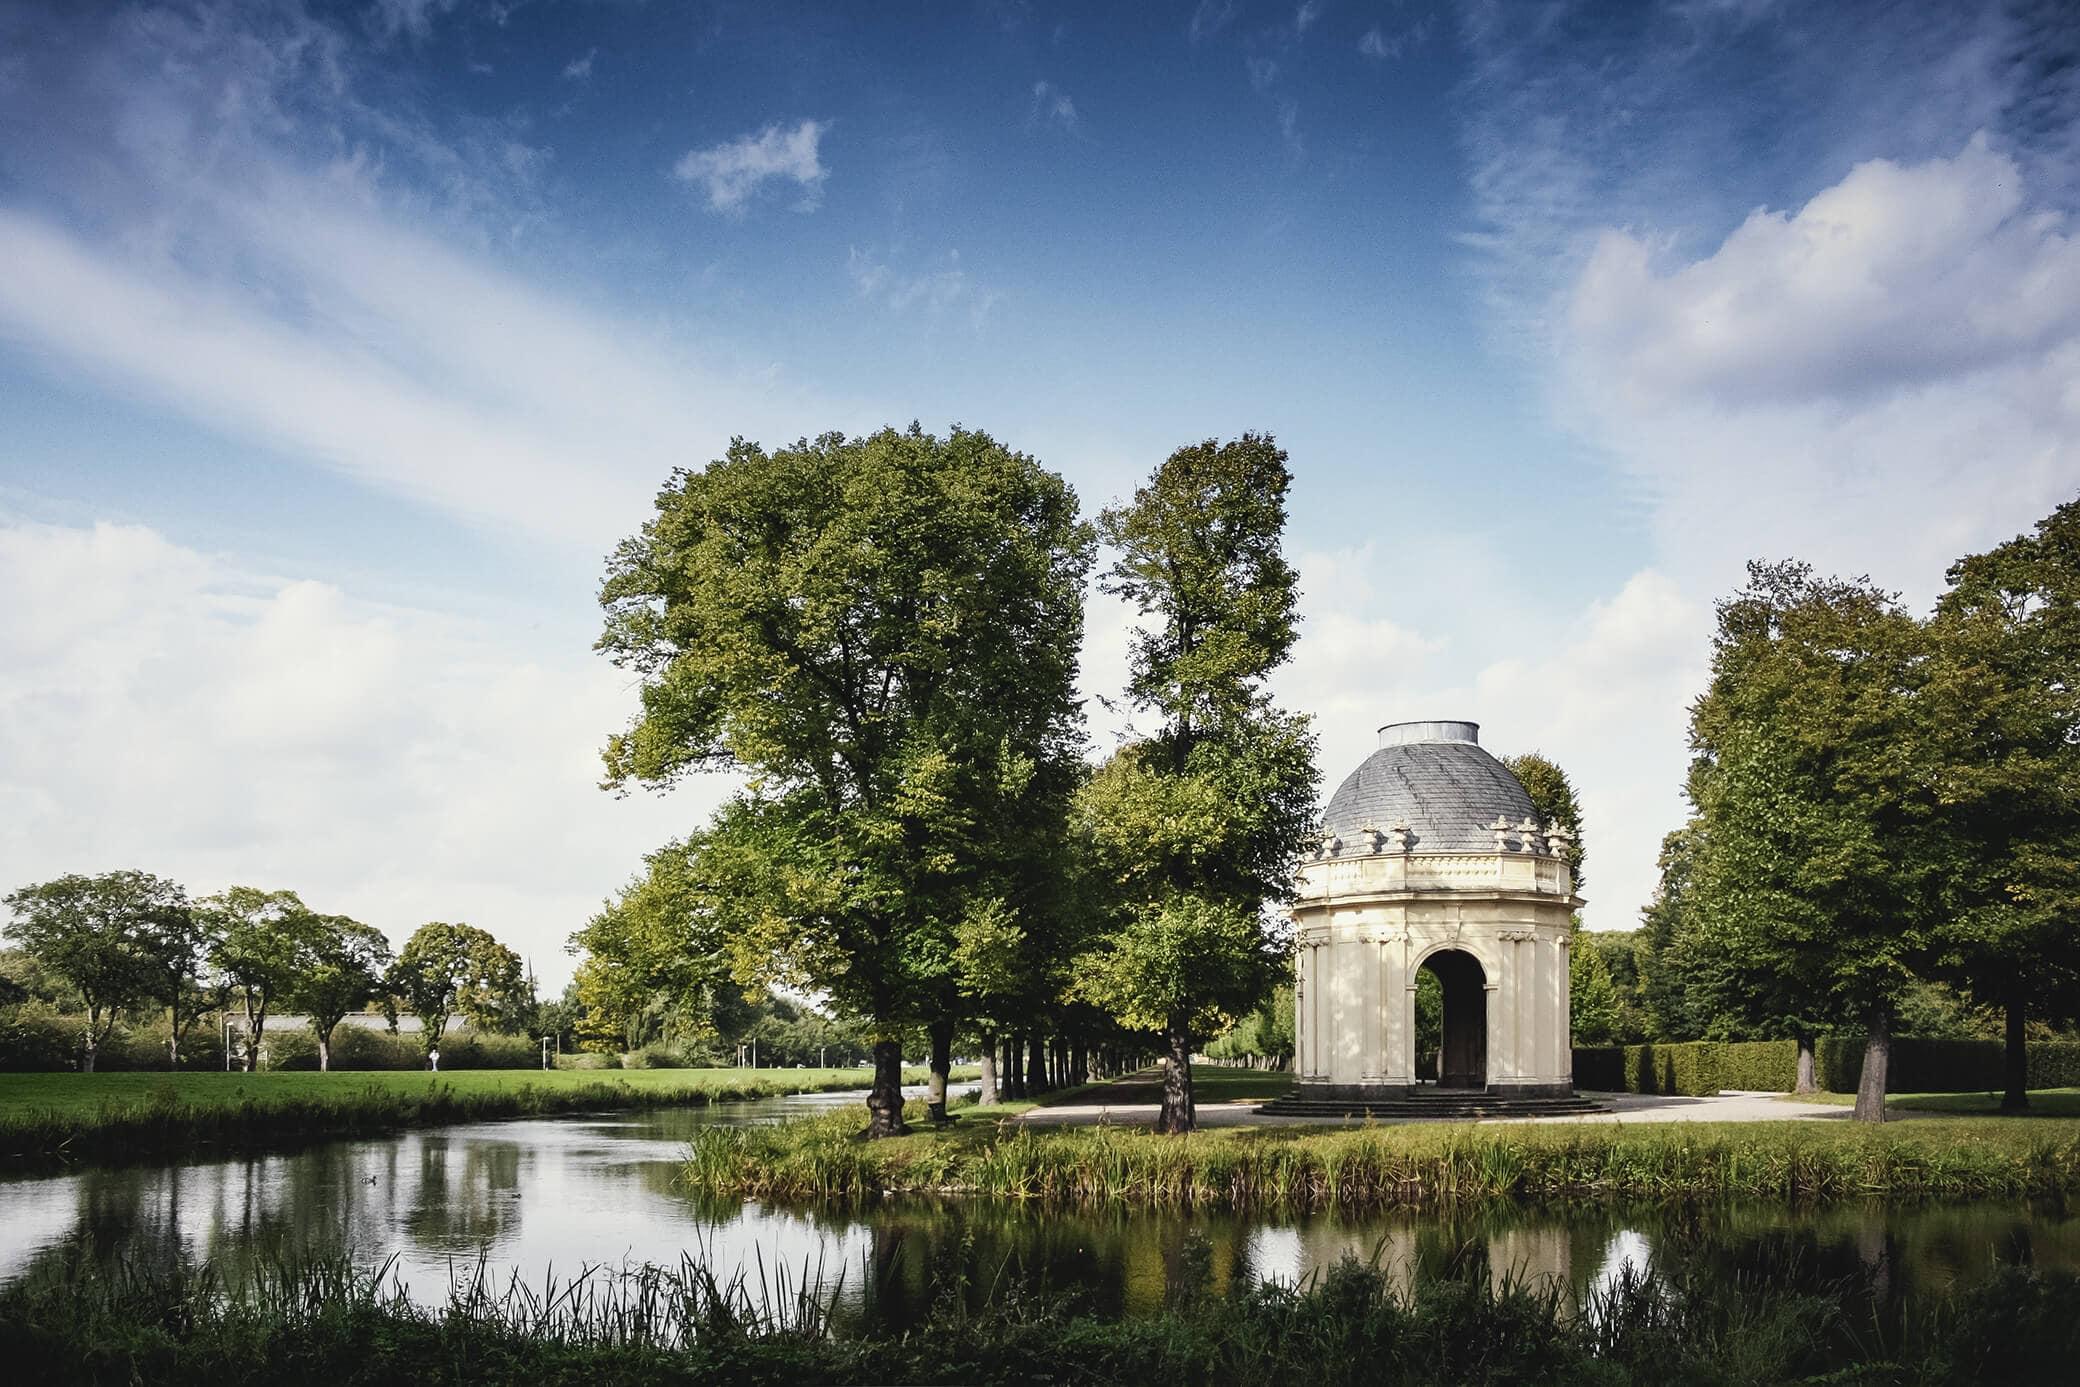 Remy-de-la Fosse Tempel an den Graften in den Herrenhäuser Gärten Hannover - Grüne Stadt Hannover